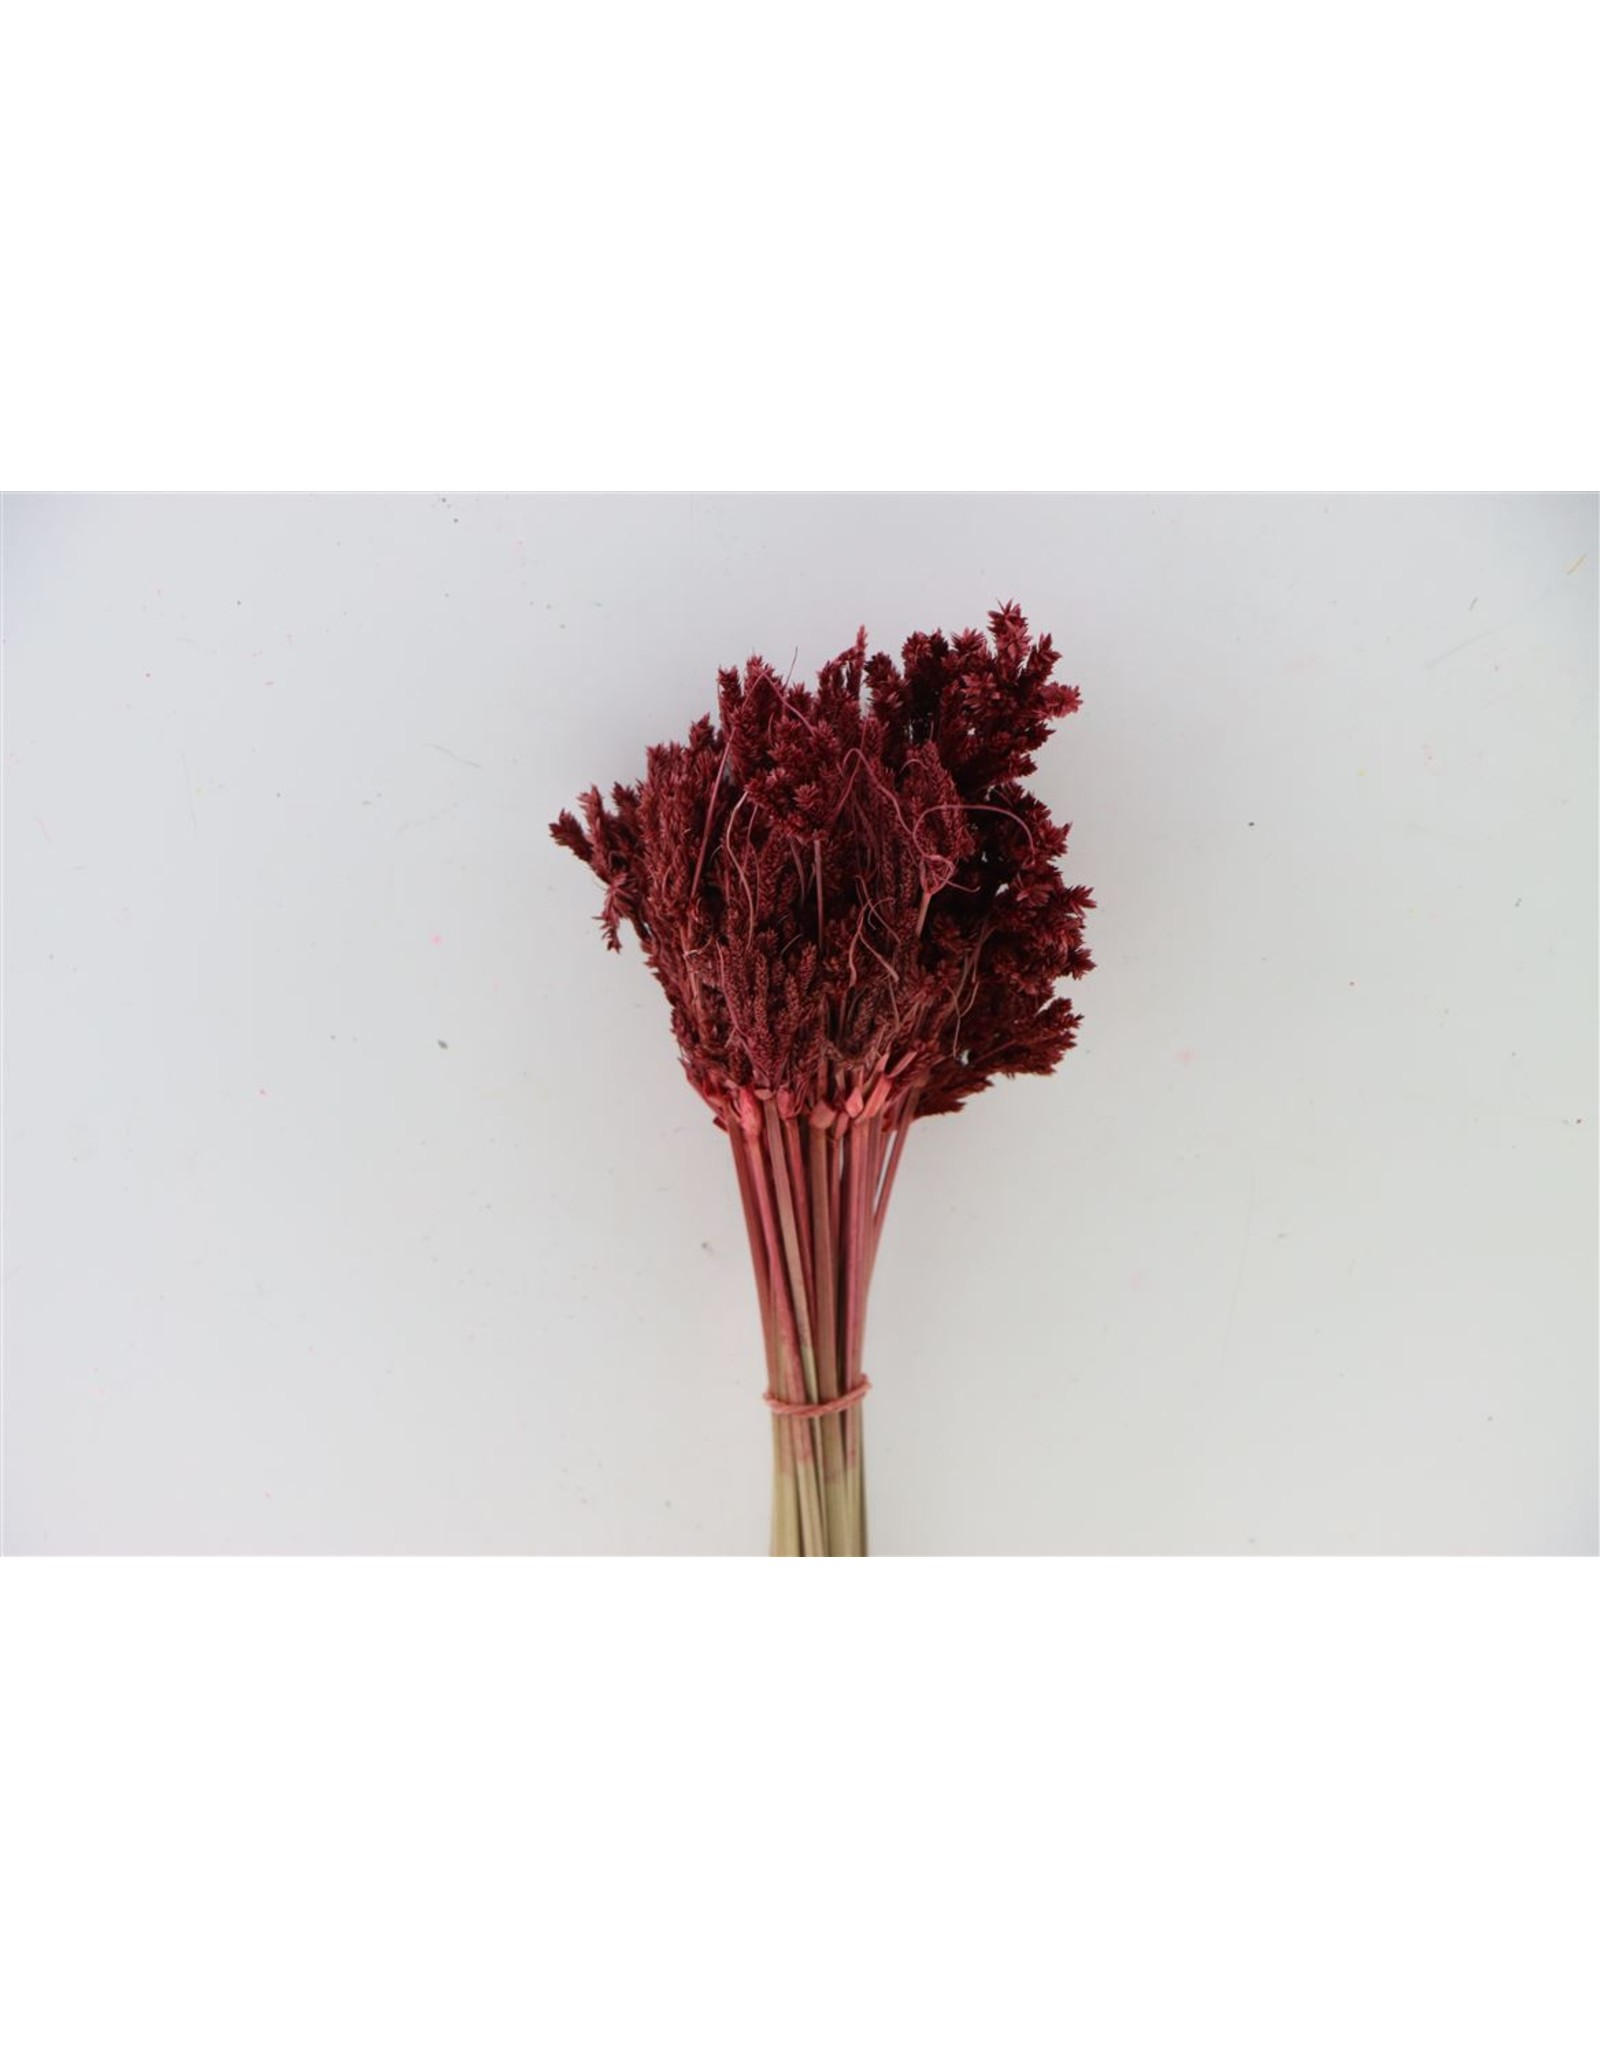 Dried Umbr. Sedge Big Leaf Red Bunch x 20